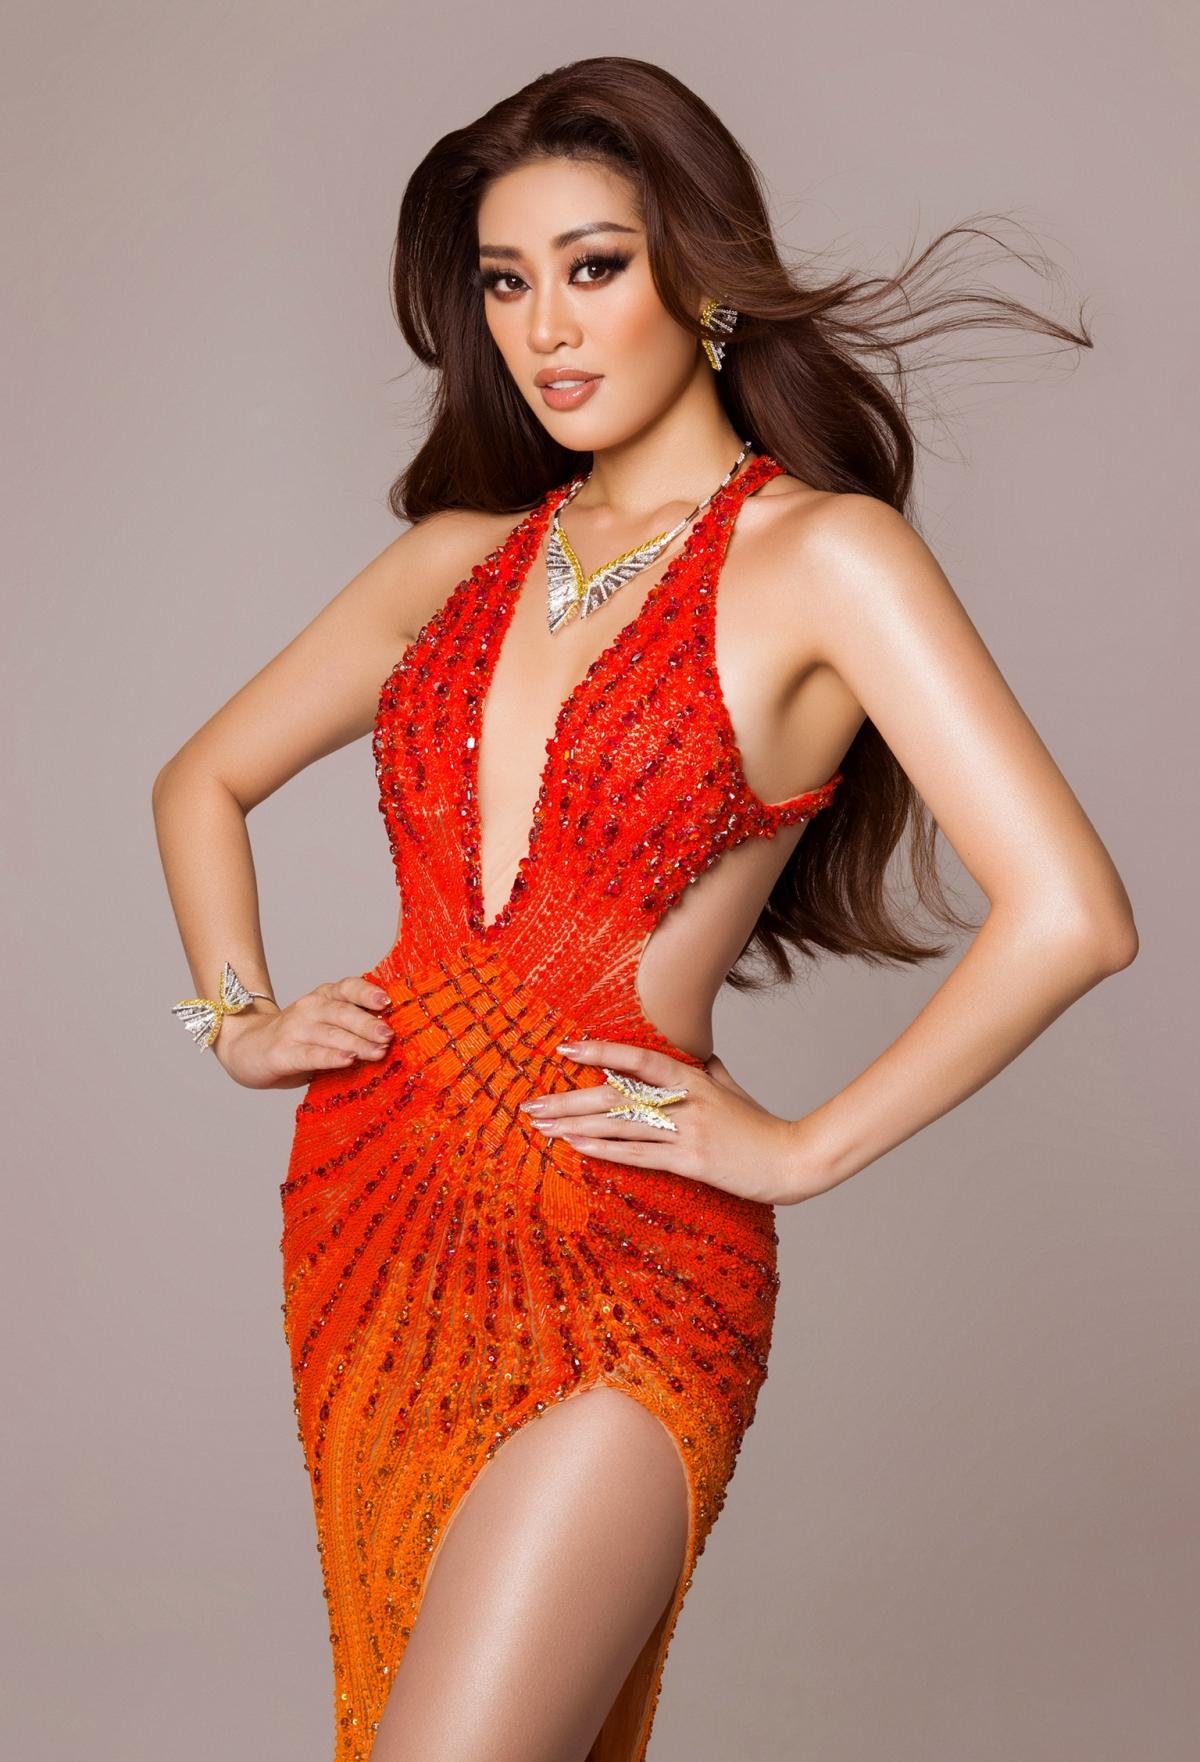 Không chỉ riêng trang phục dạ hội, Hoa hậu Khánh Vân còn dành cho đêm chung kết một sự kết hợp đặc biệt cùng bộ trang sức đá quý, mang tên Dream - Wings - Chắp cánh cho những ước mơ.